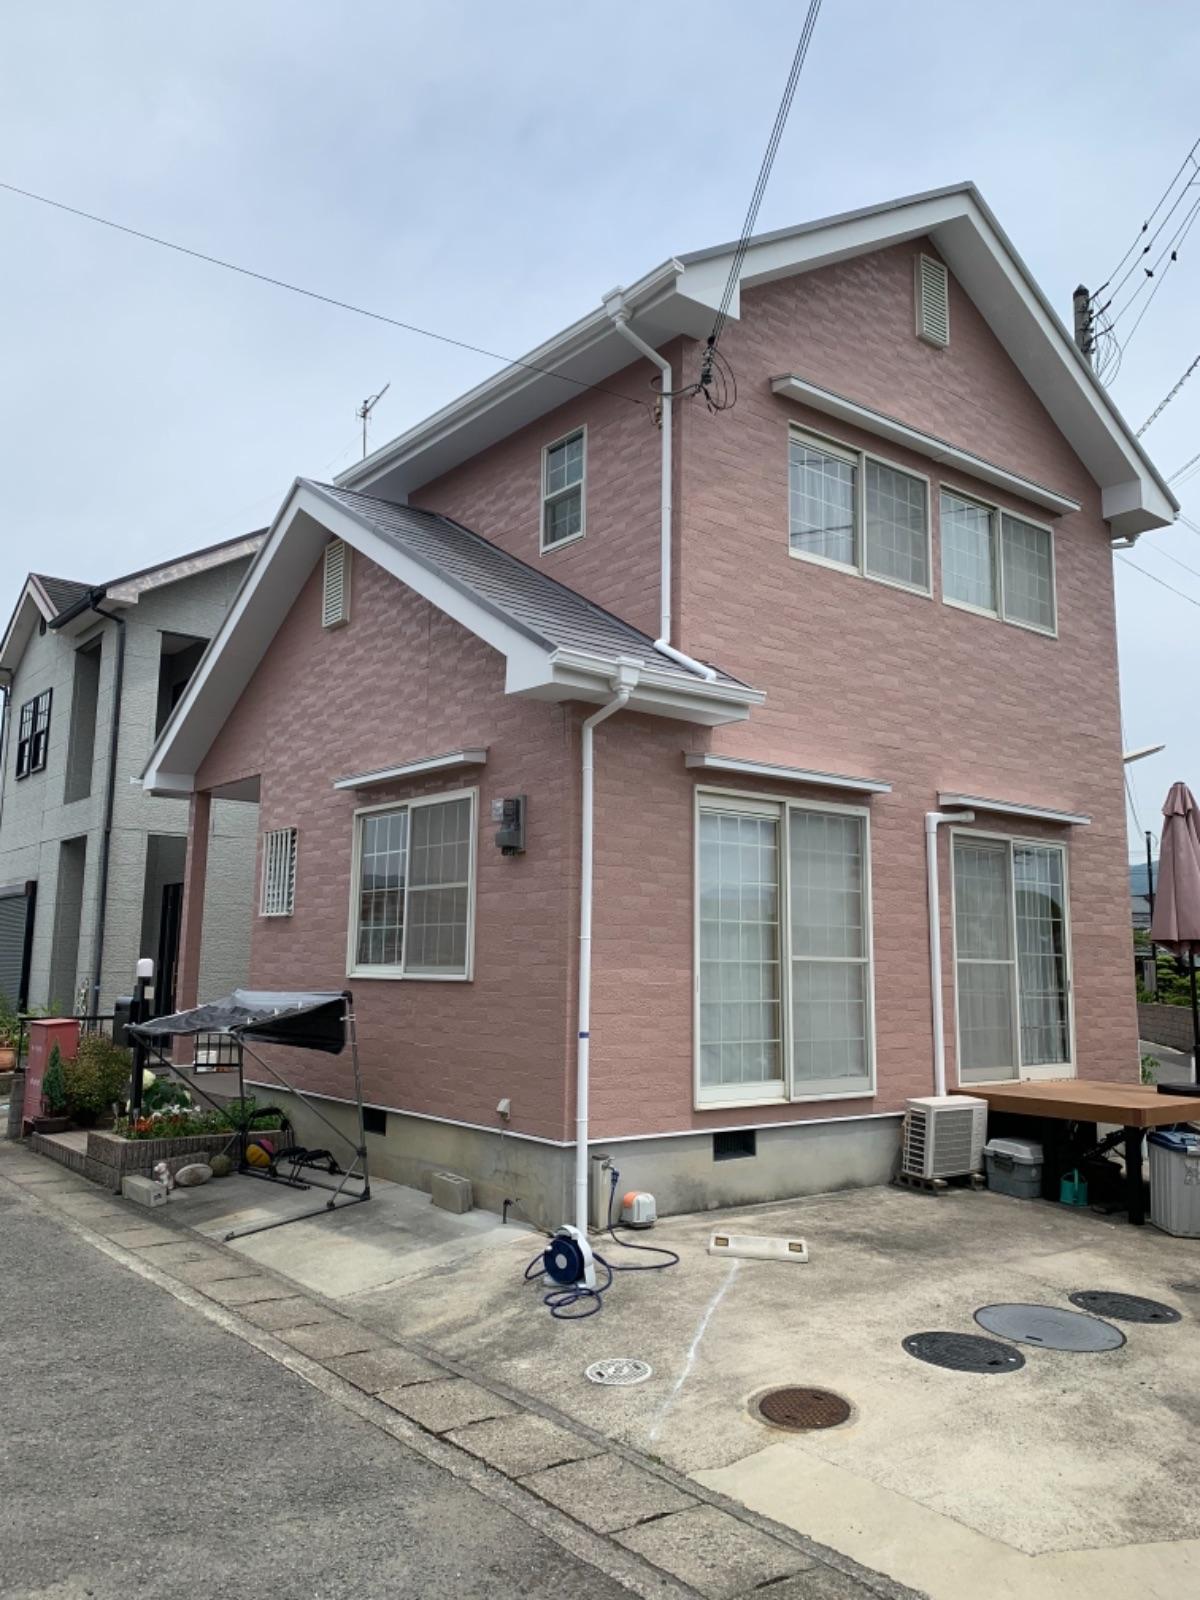 【岩出市】N様邸 外壁塗装・屋根塗装<br>『くすみピンクが印象的な可愛いお家に仕上がりました♪』